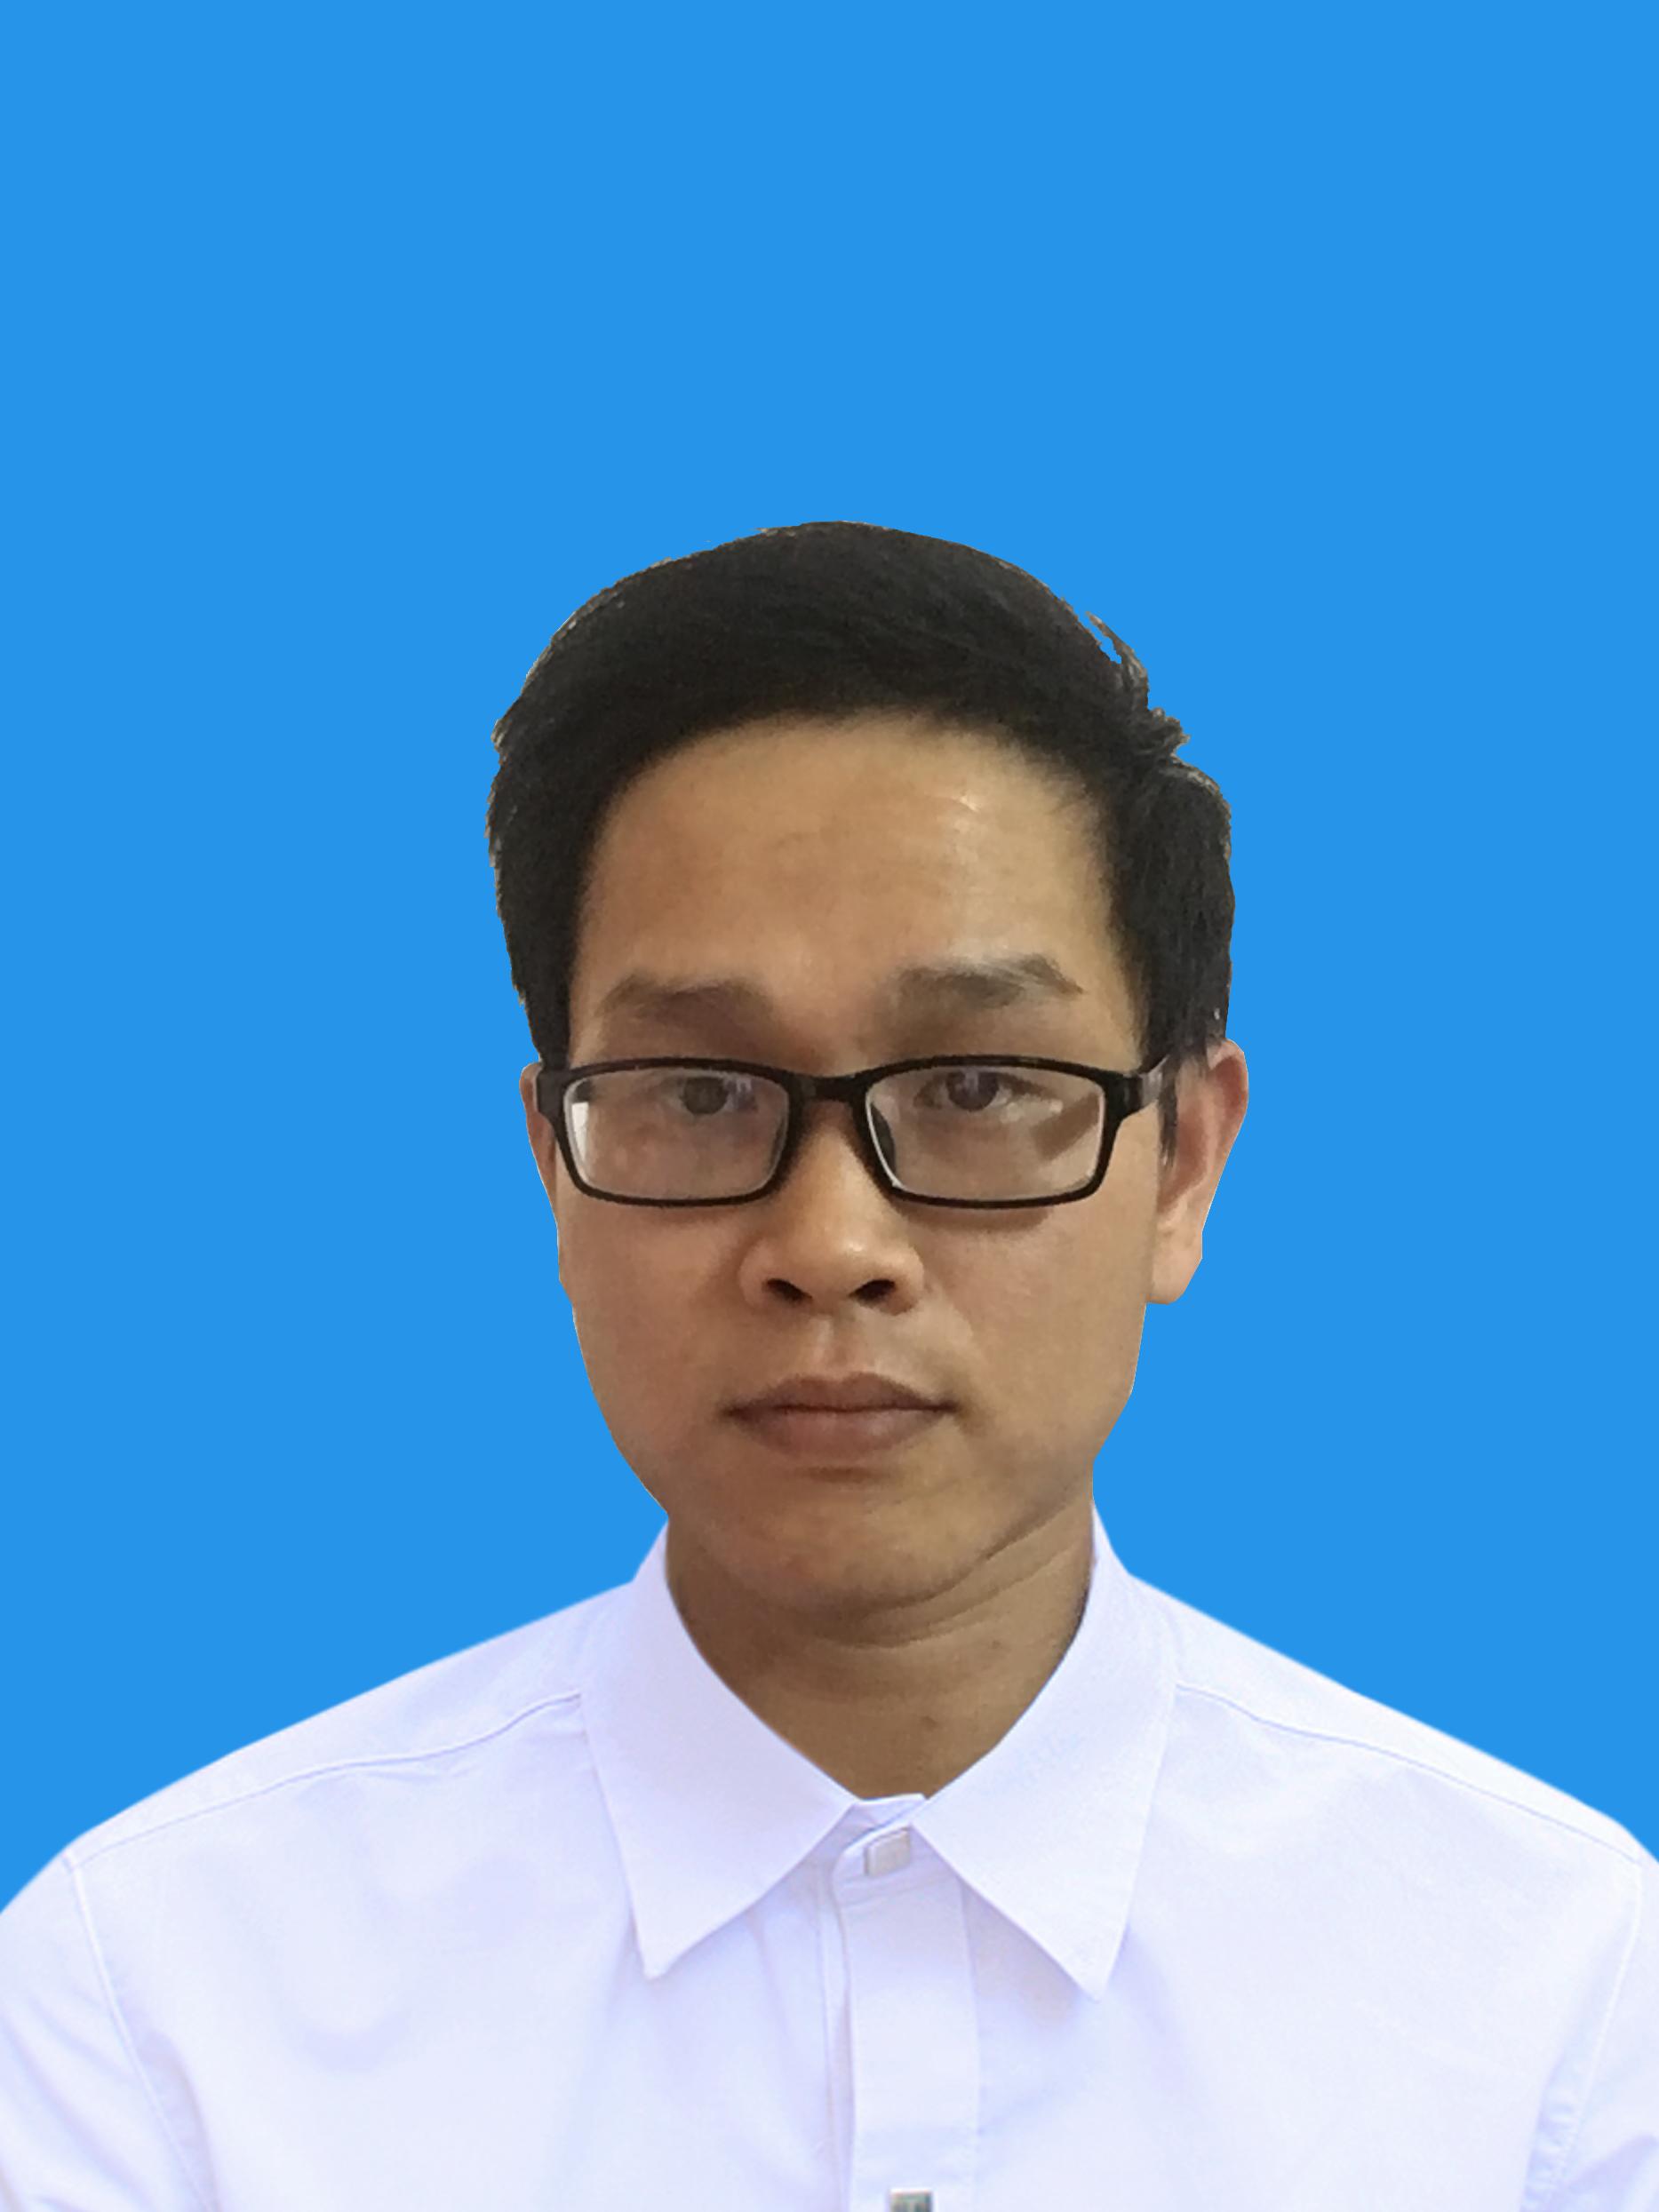 CV - Phan Quốc Hoàng - Nhân viên IT - Seoer